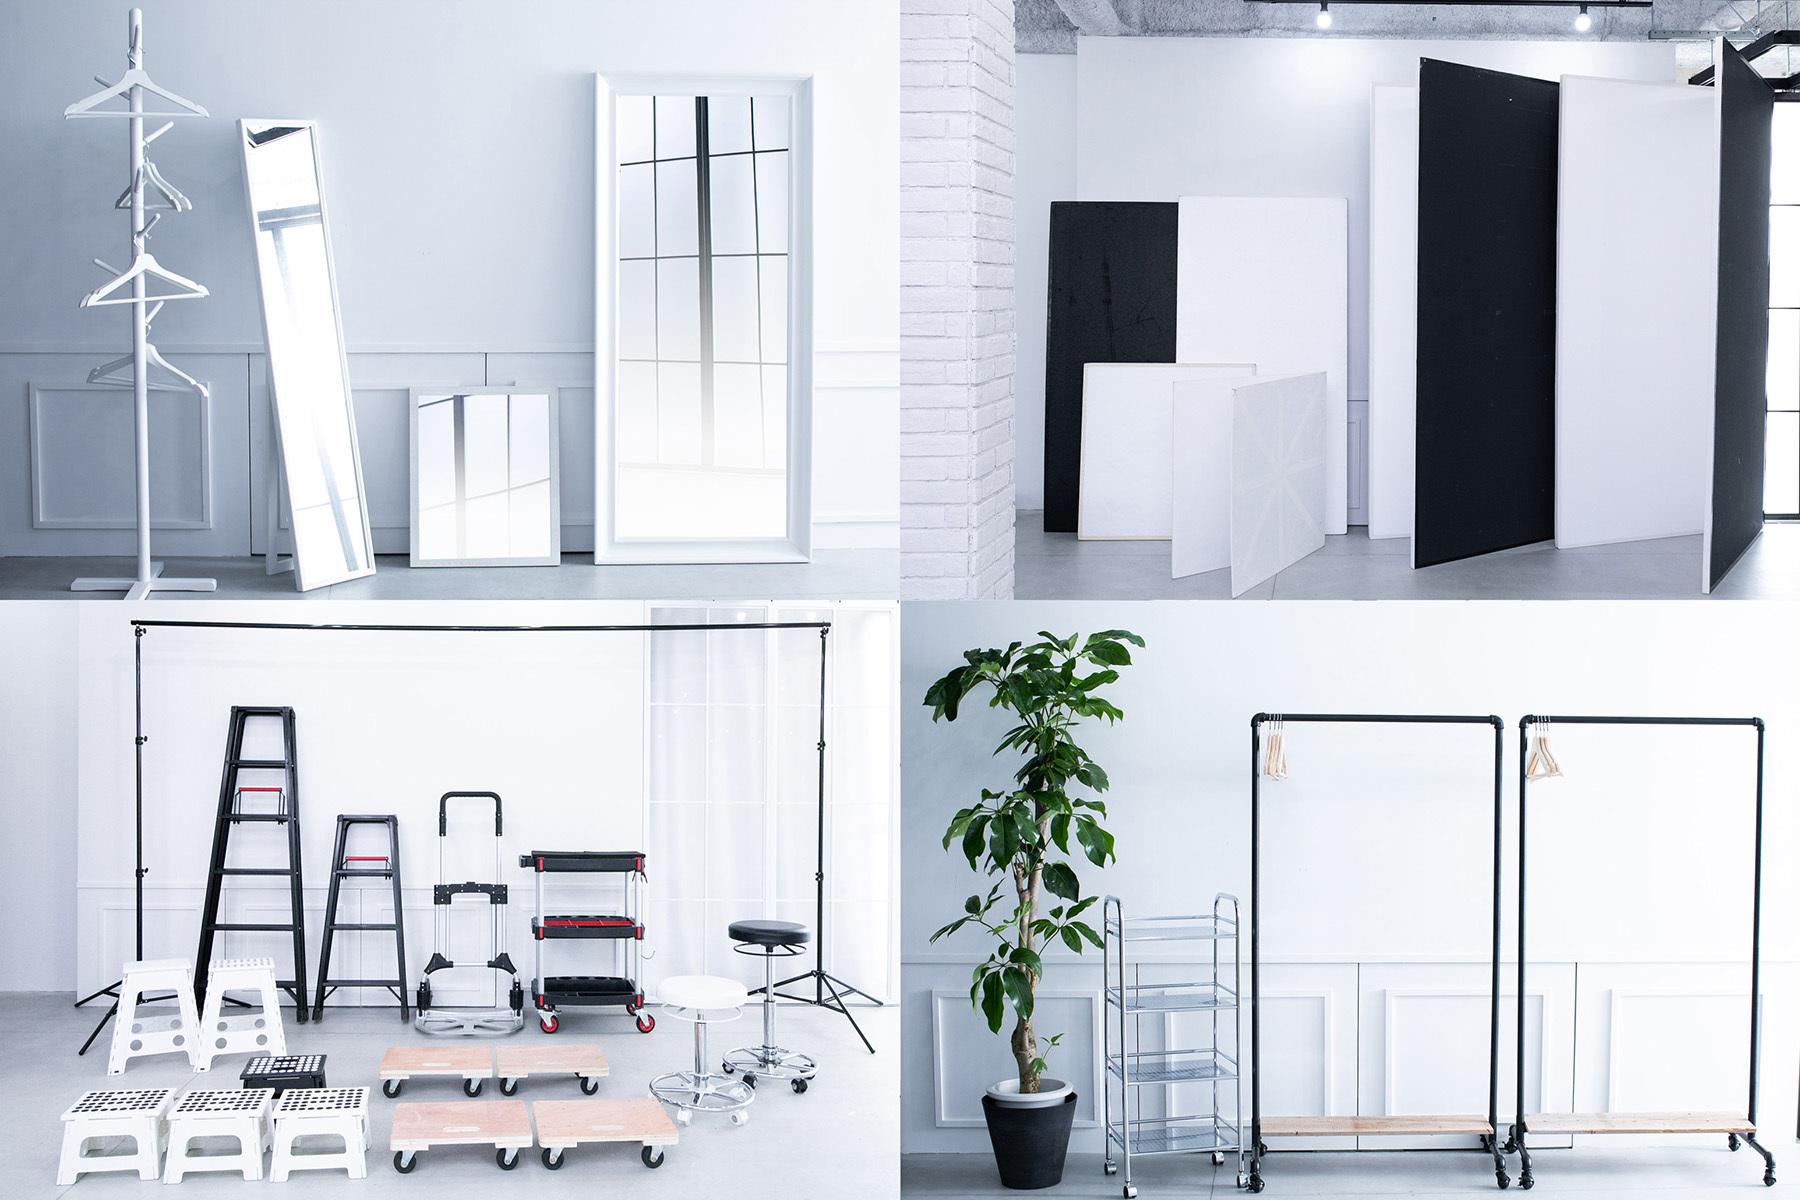 STUDIO FLYINGCAT (スタジオ フライングキャット)備え付けの家具や小物でアレンジ